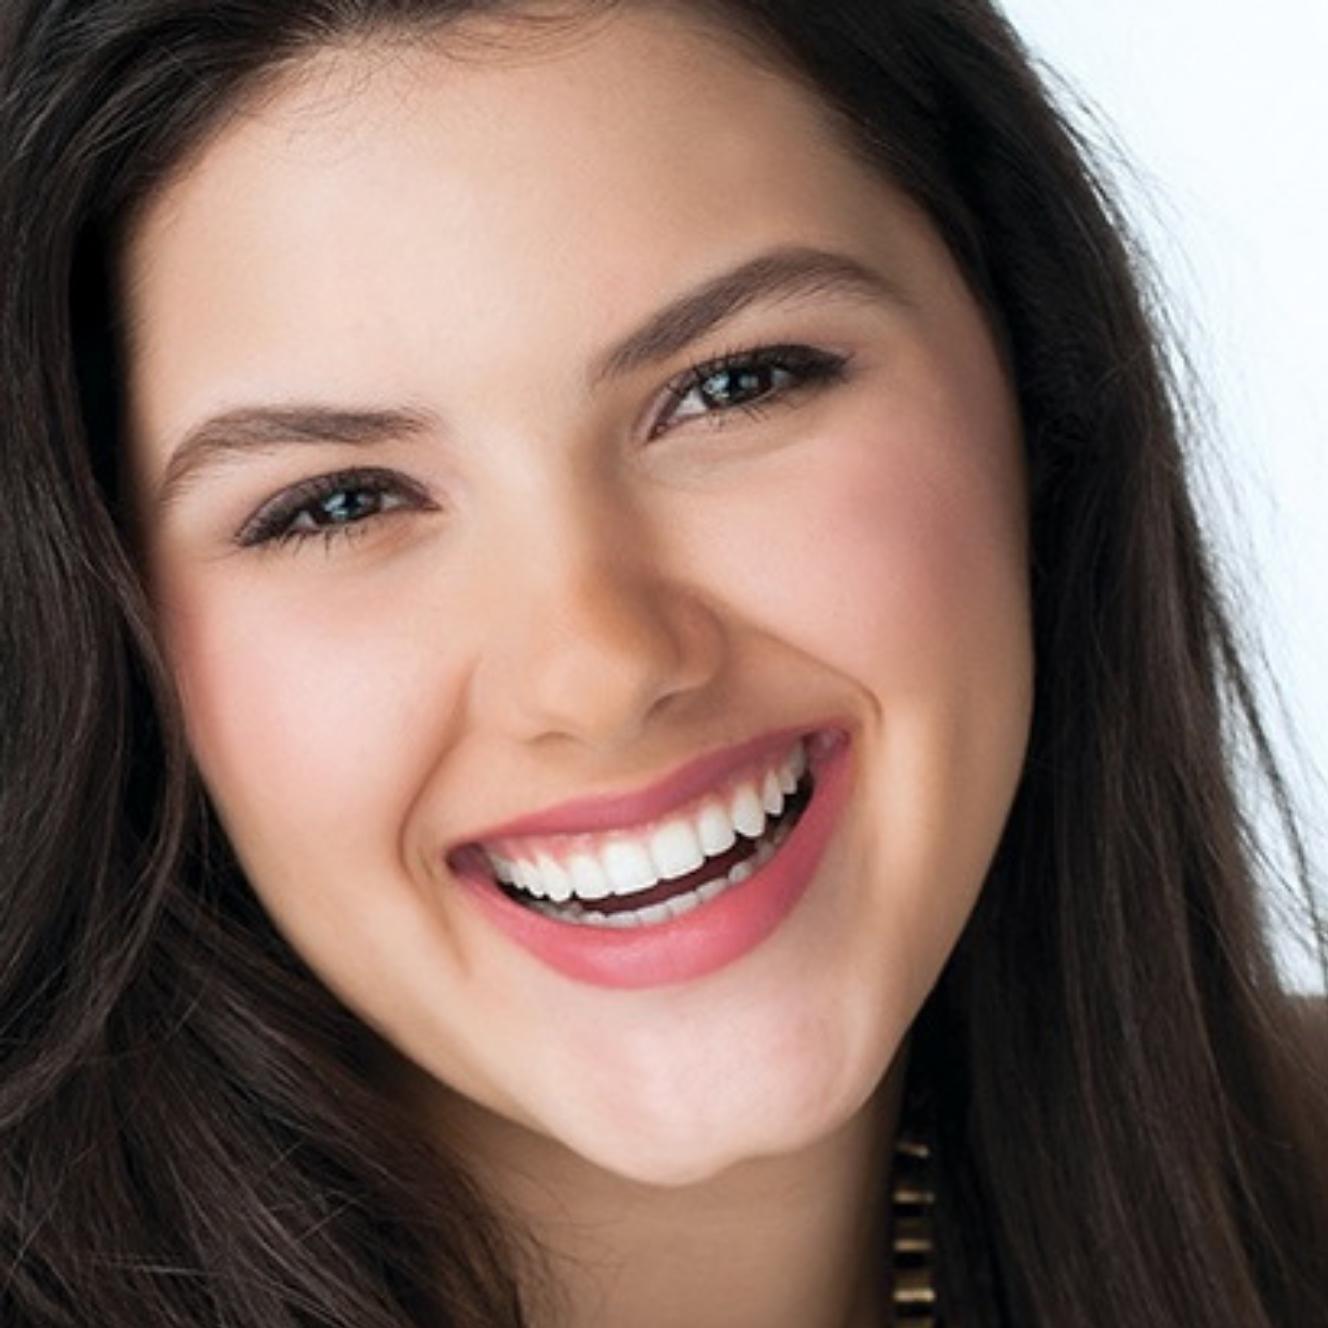 יישור שיניים בלתי נראה קשתיות שקופות